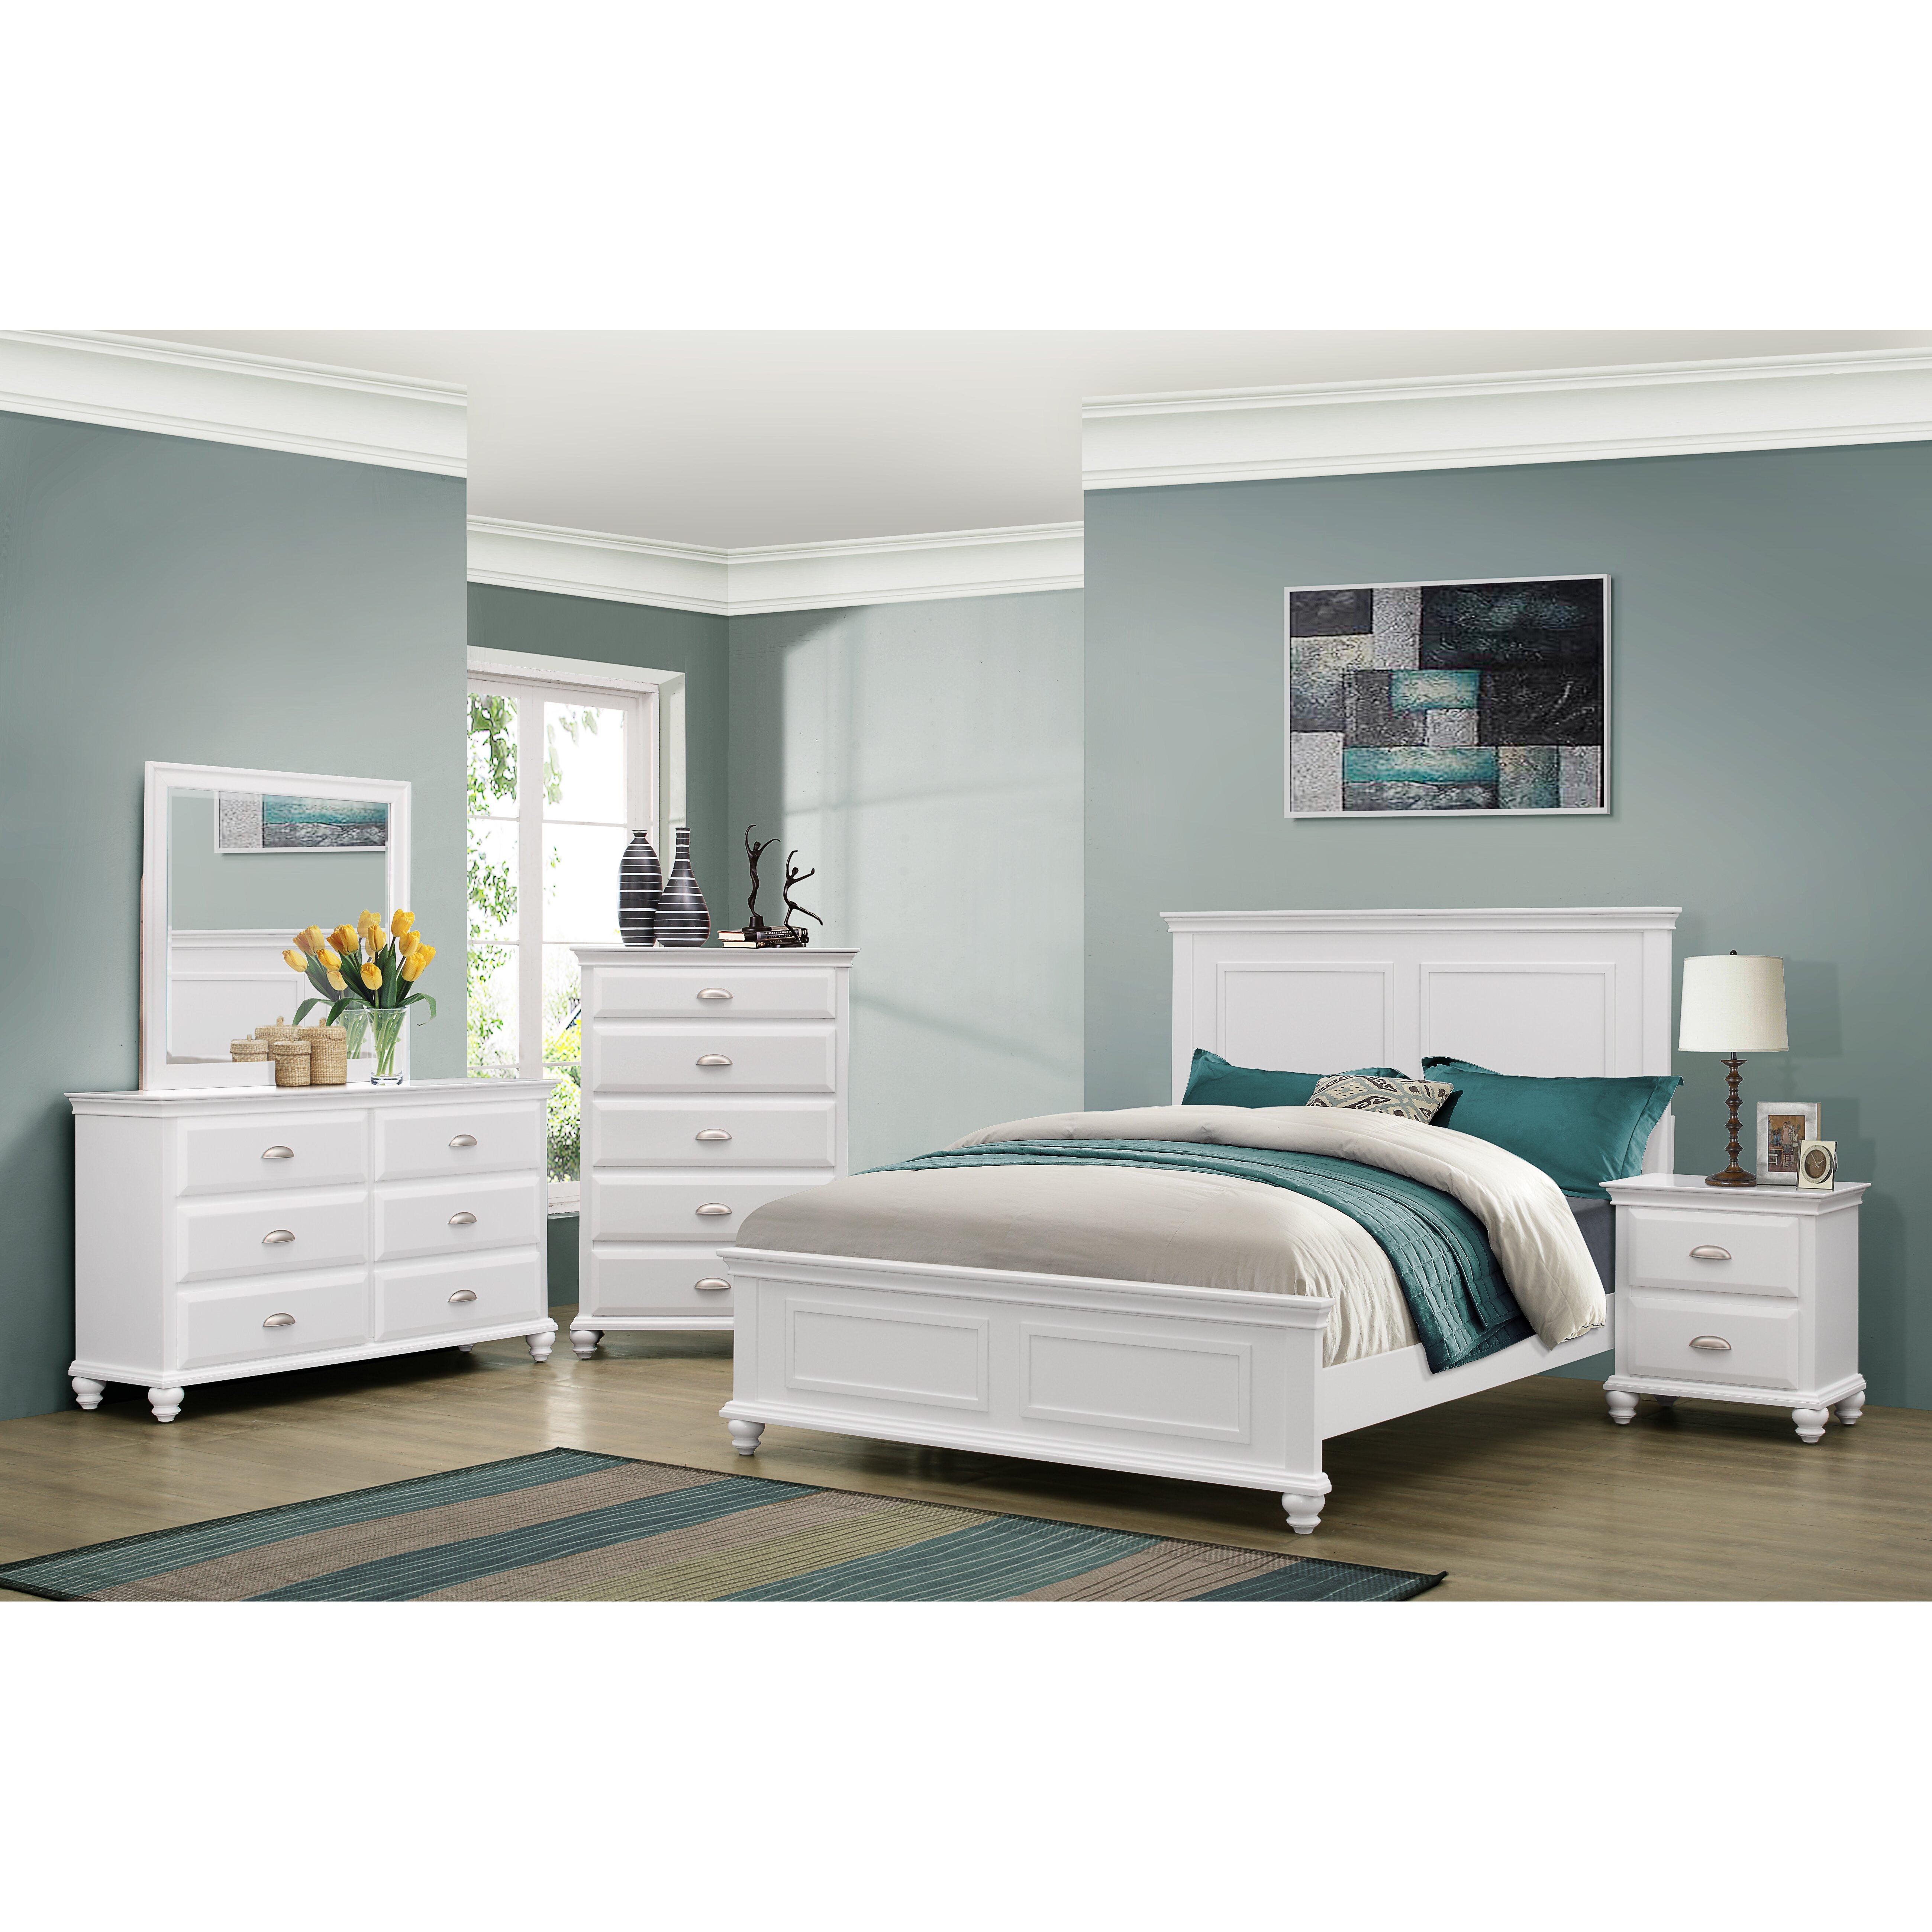 Oyster Bay Bedroom Furniture Bedroom Sets Youll Love